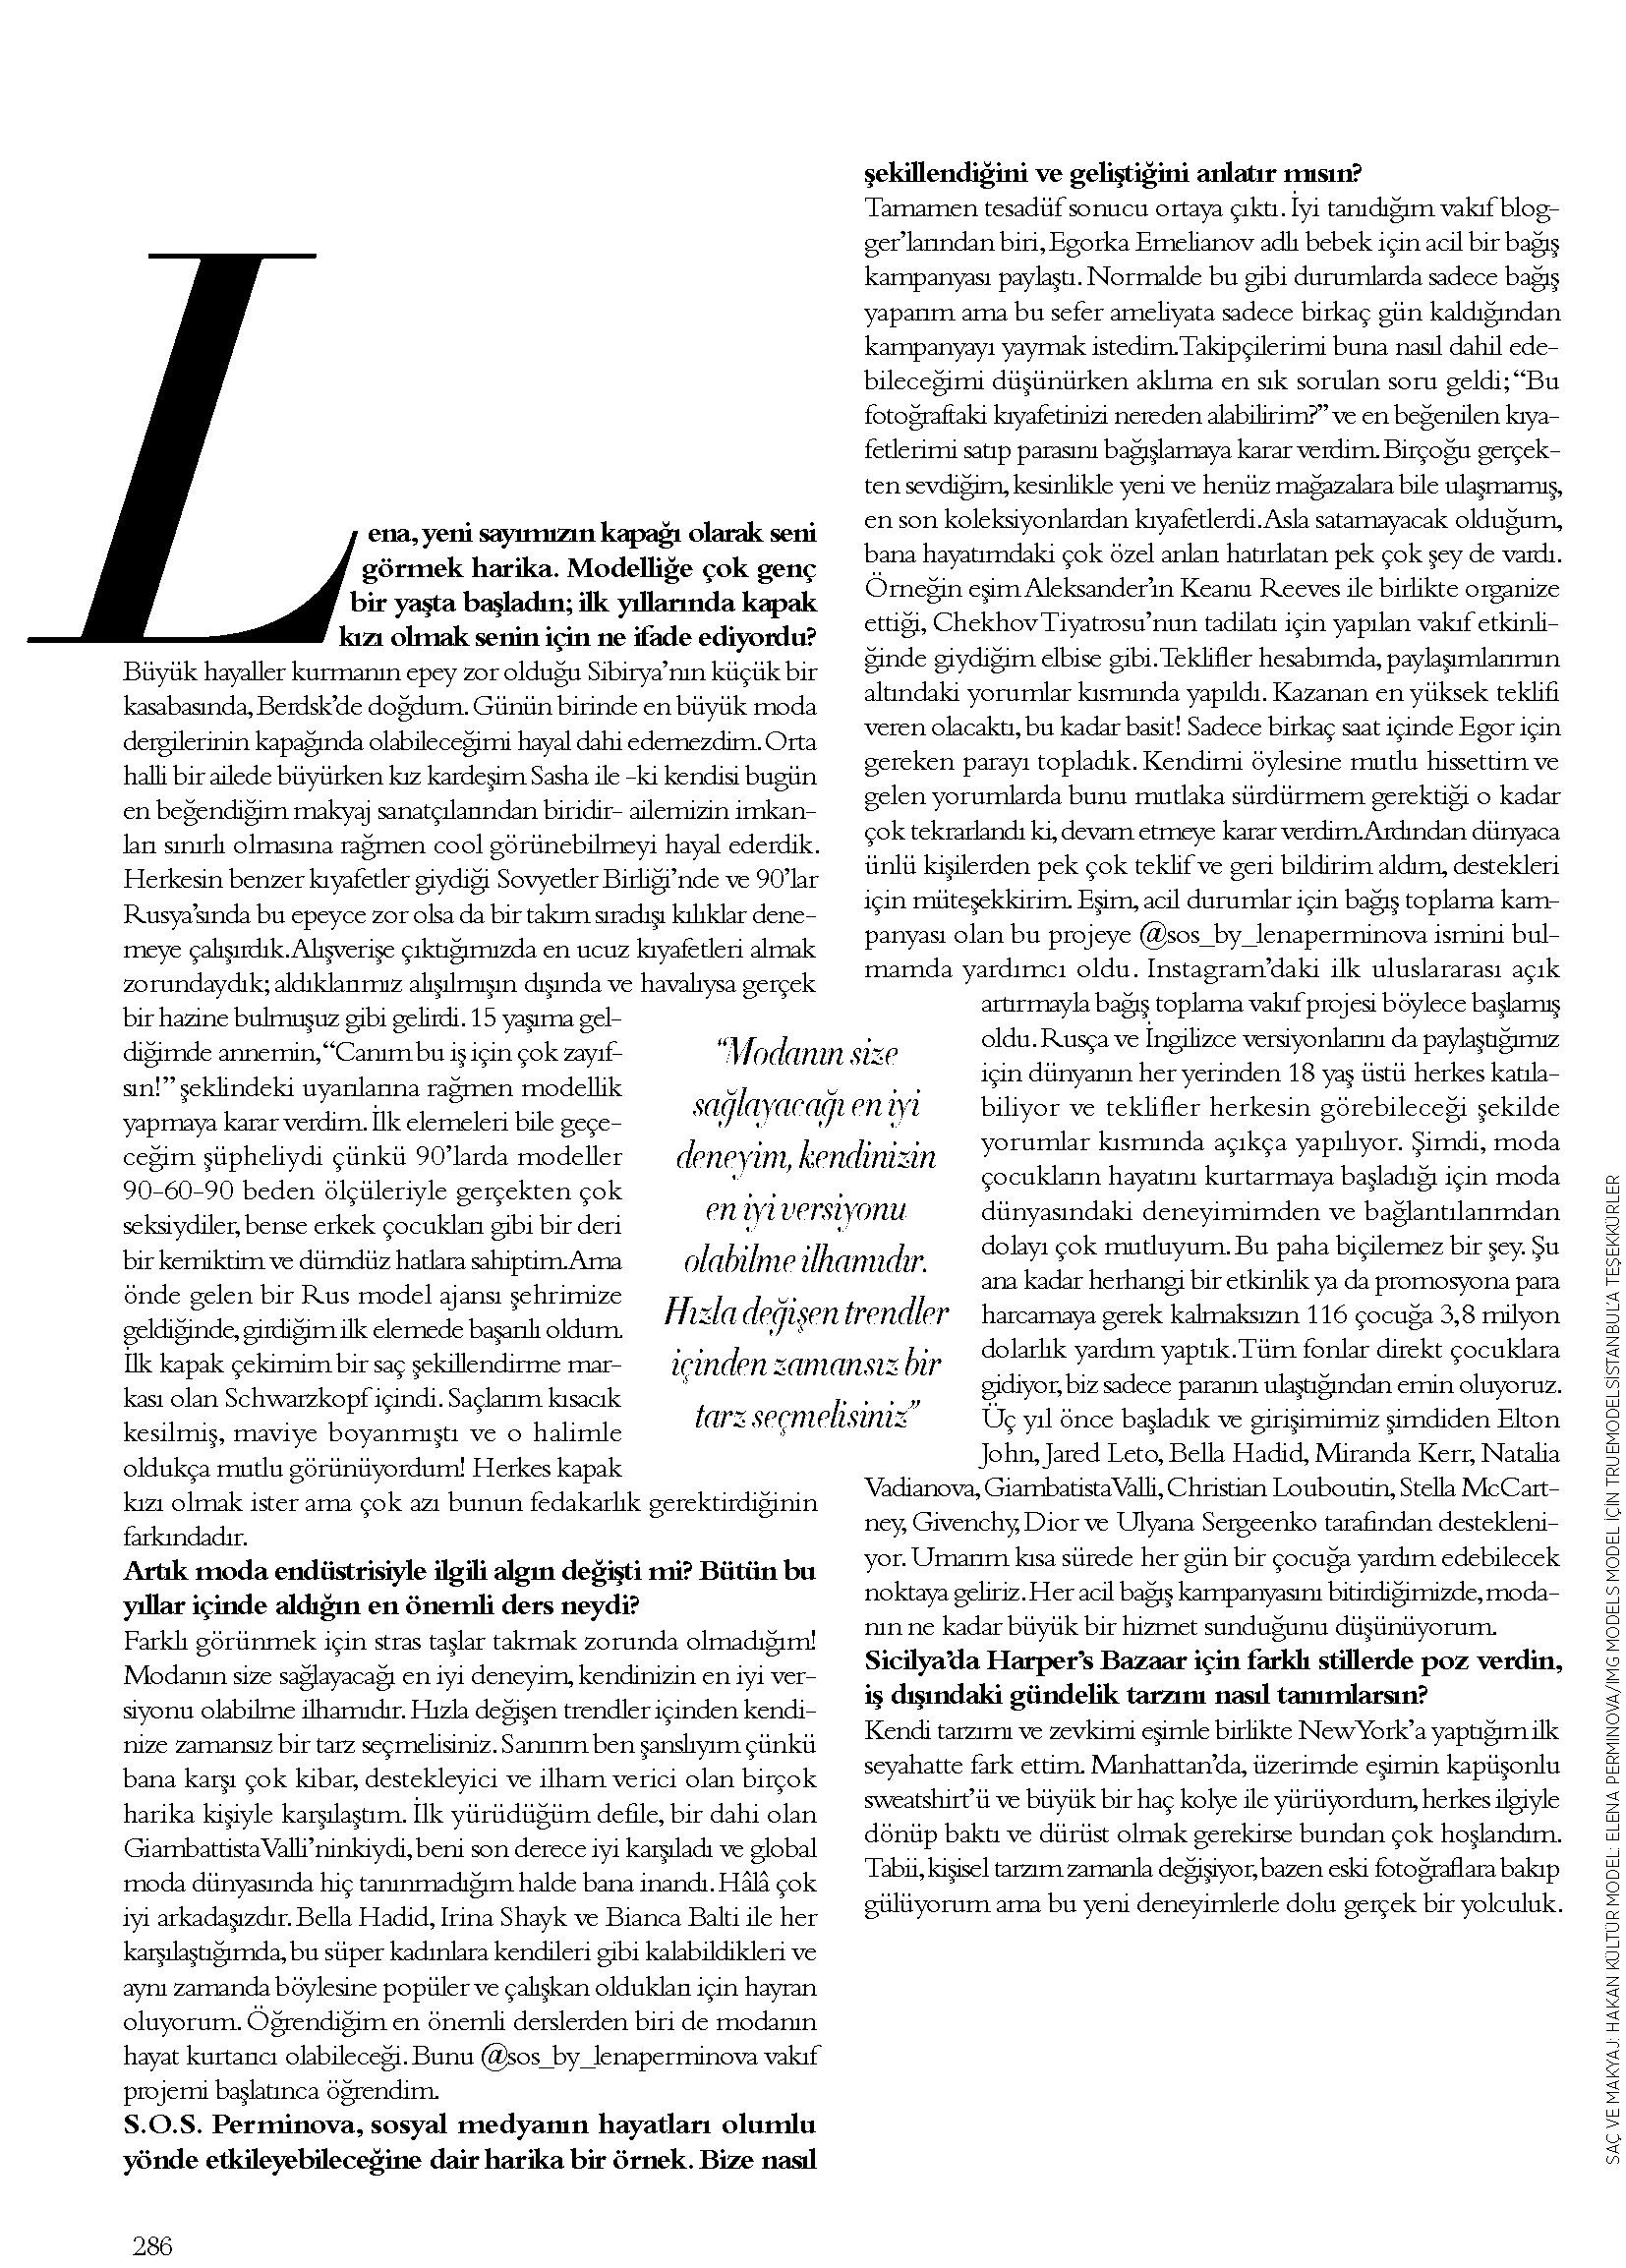 HB COVER STORY LENA-13.jpg